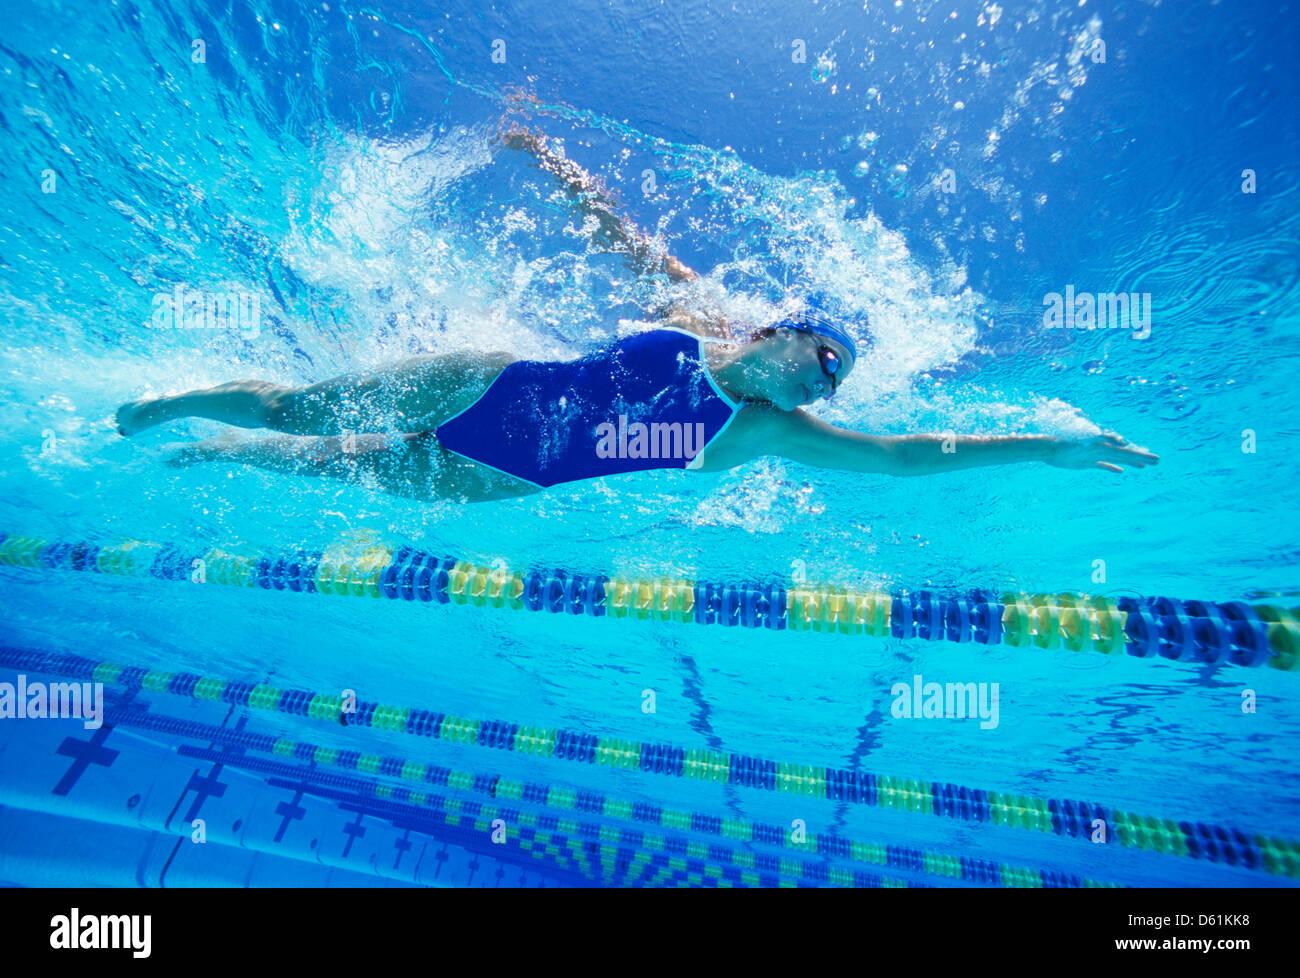 Nageuse portant des États-Unis tout en maillot de bain swimming in pool Photo Stock